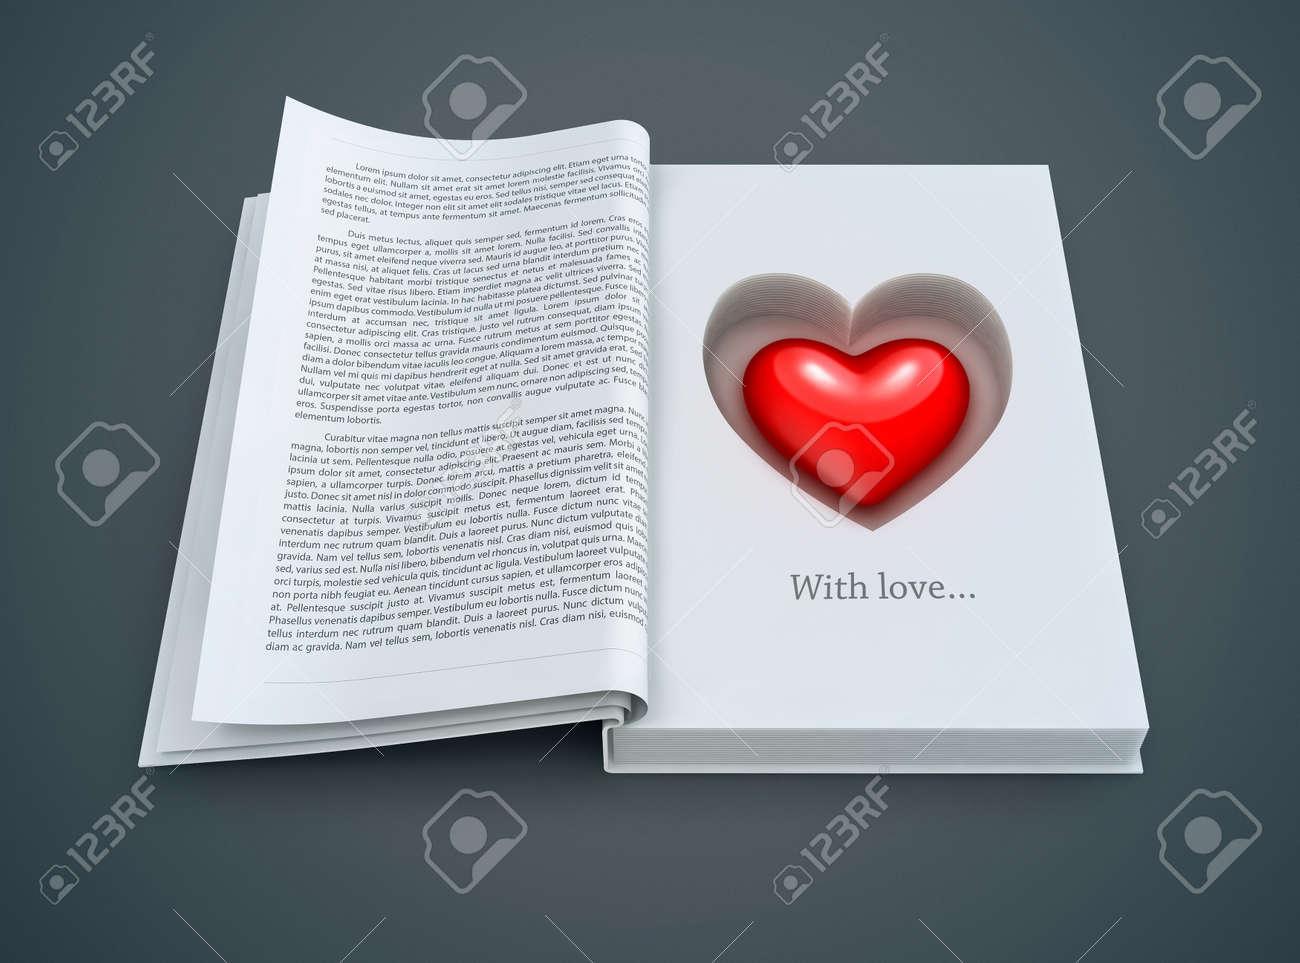 Livre Ouvert Avec L Interieur Rouge De Coeur 3d Illustration Pour Le Jour De Valentines